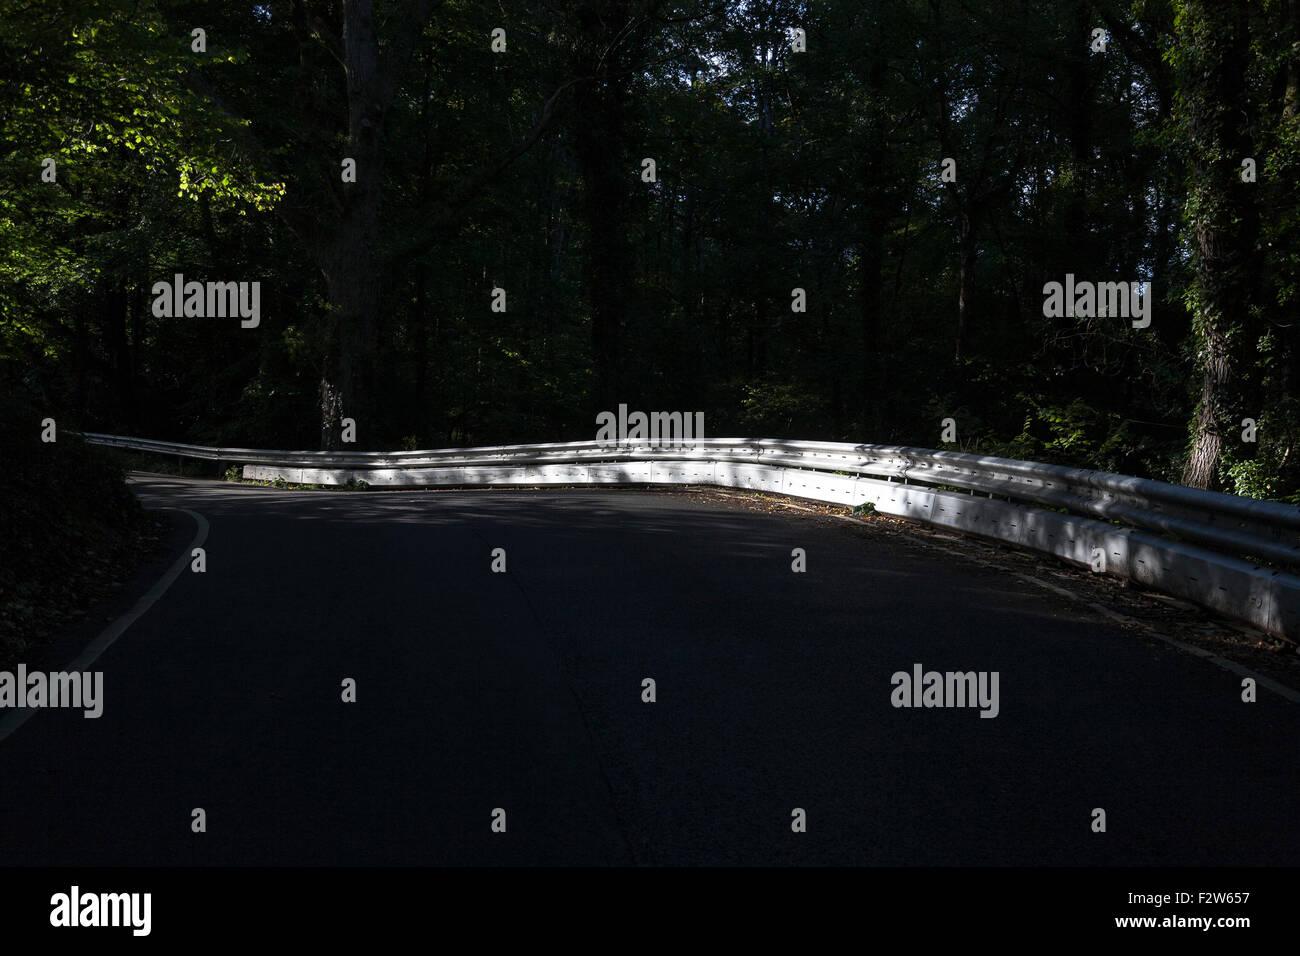 Les barrières d'acier,léger, facile à assembler, alternative à l'écrasement sur Photo Stock